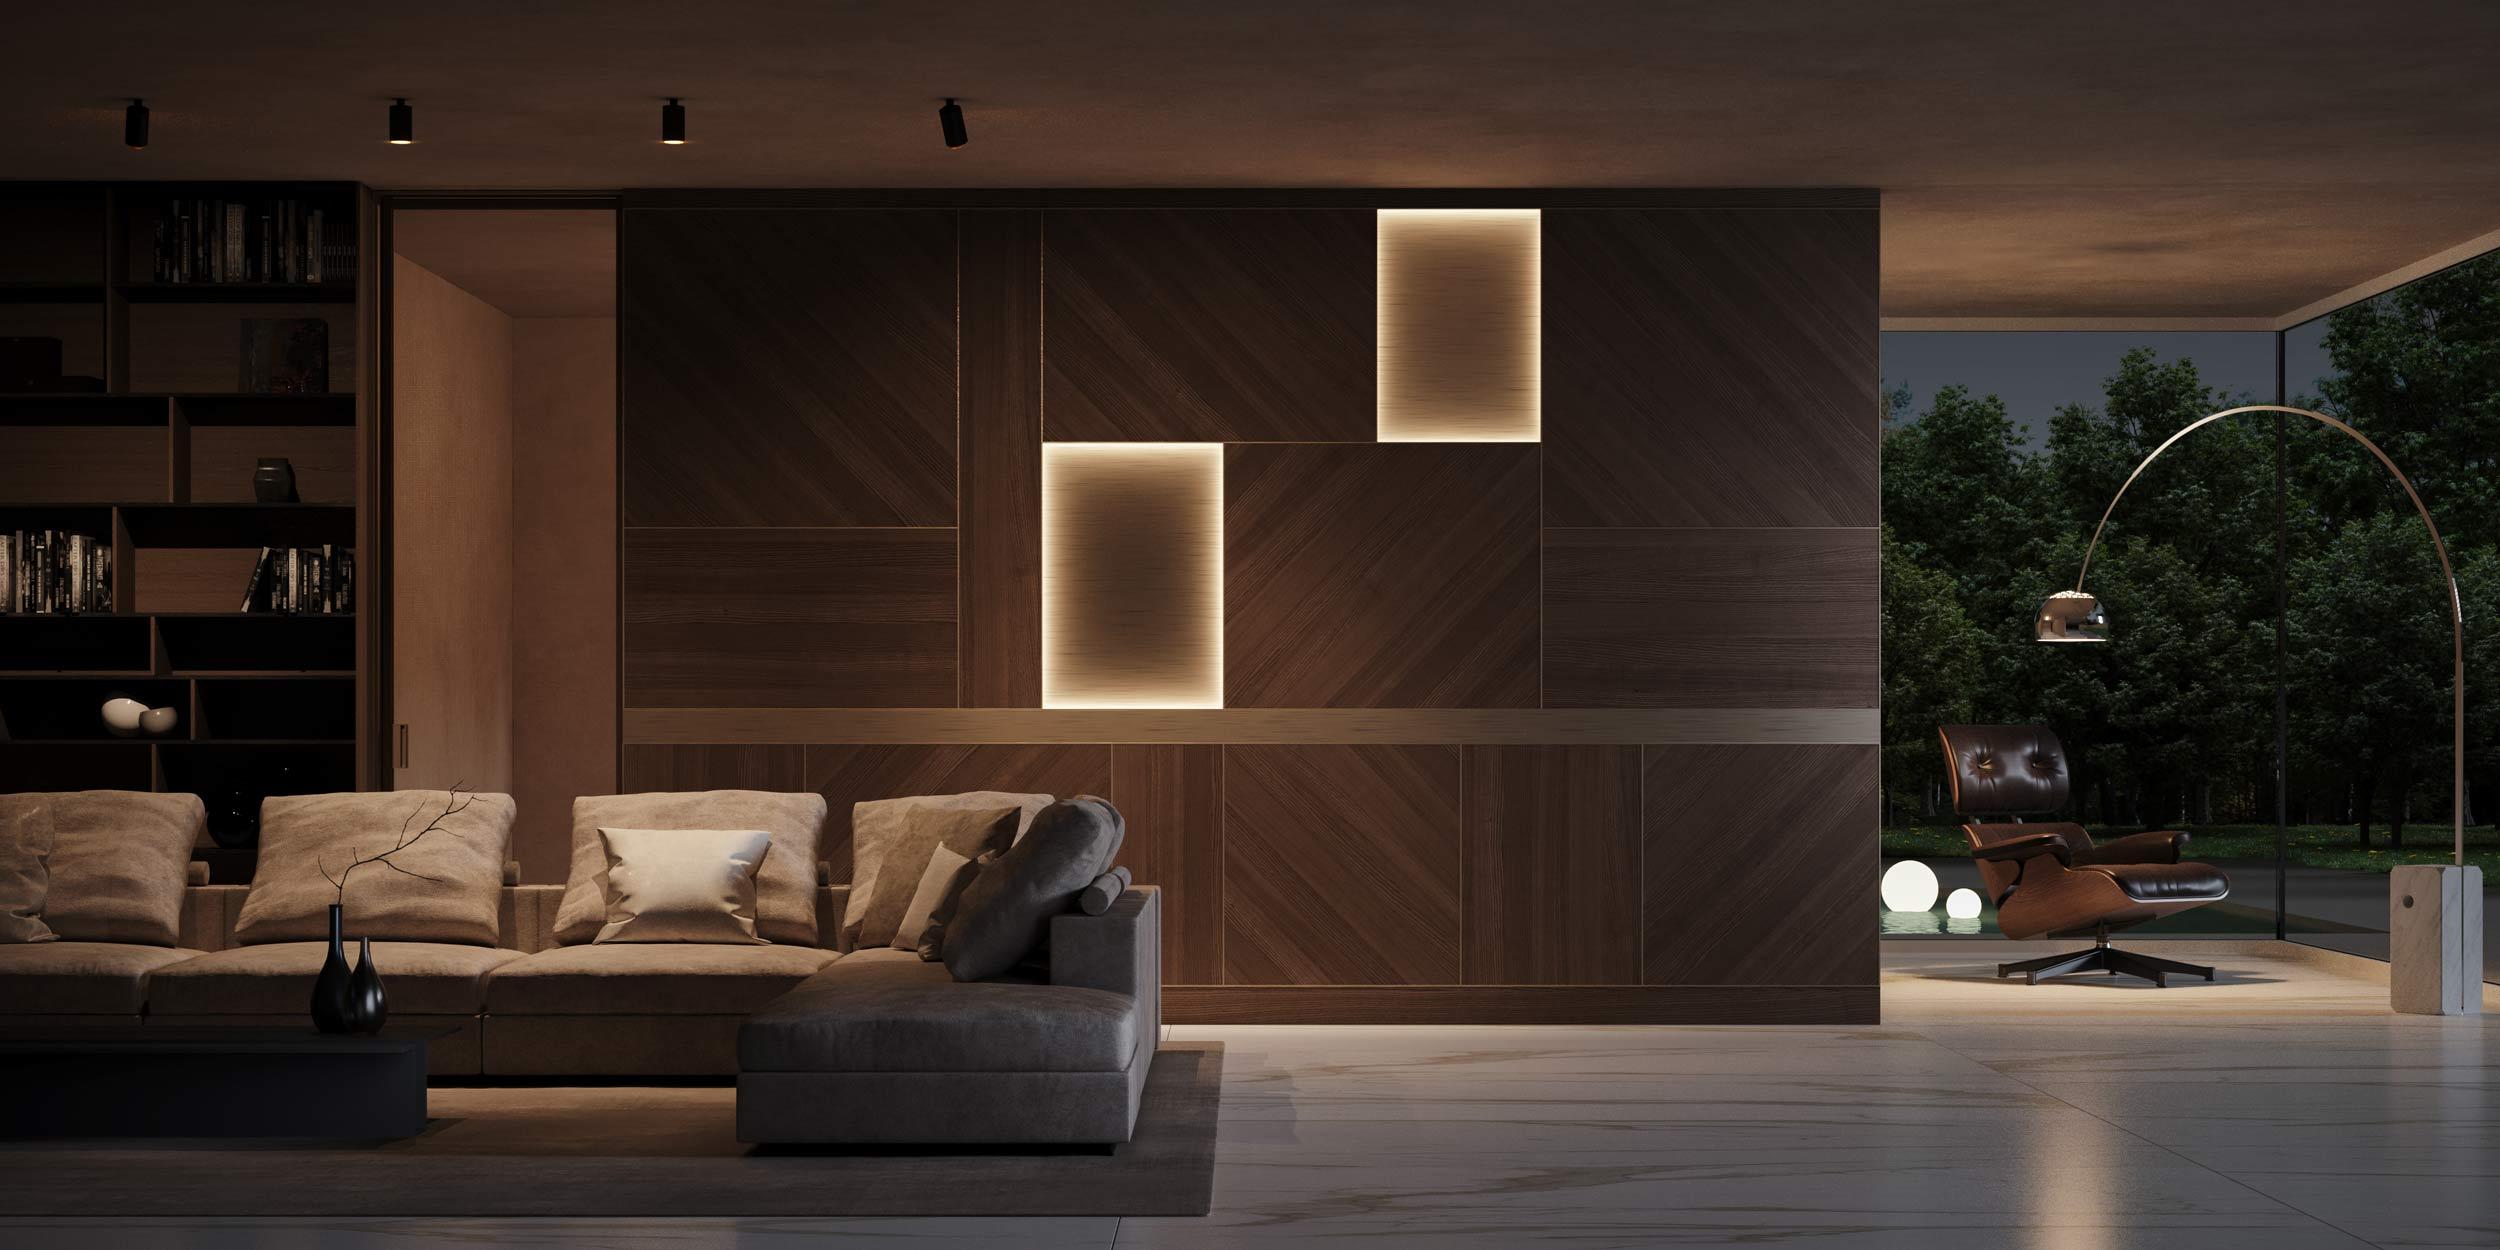 Boiserie Abaco in legno e alluminio, vista notturna